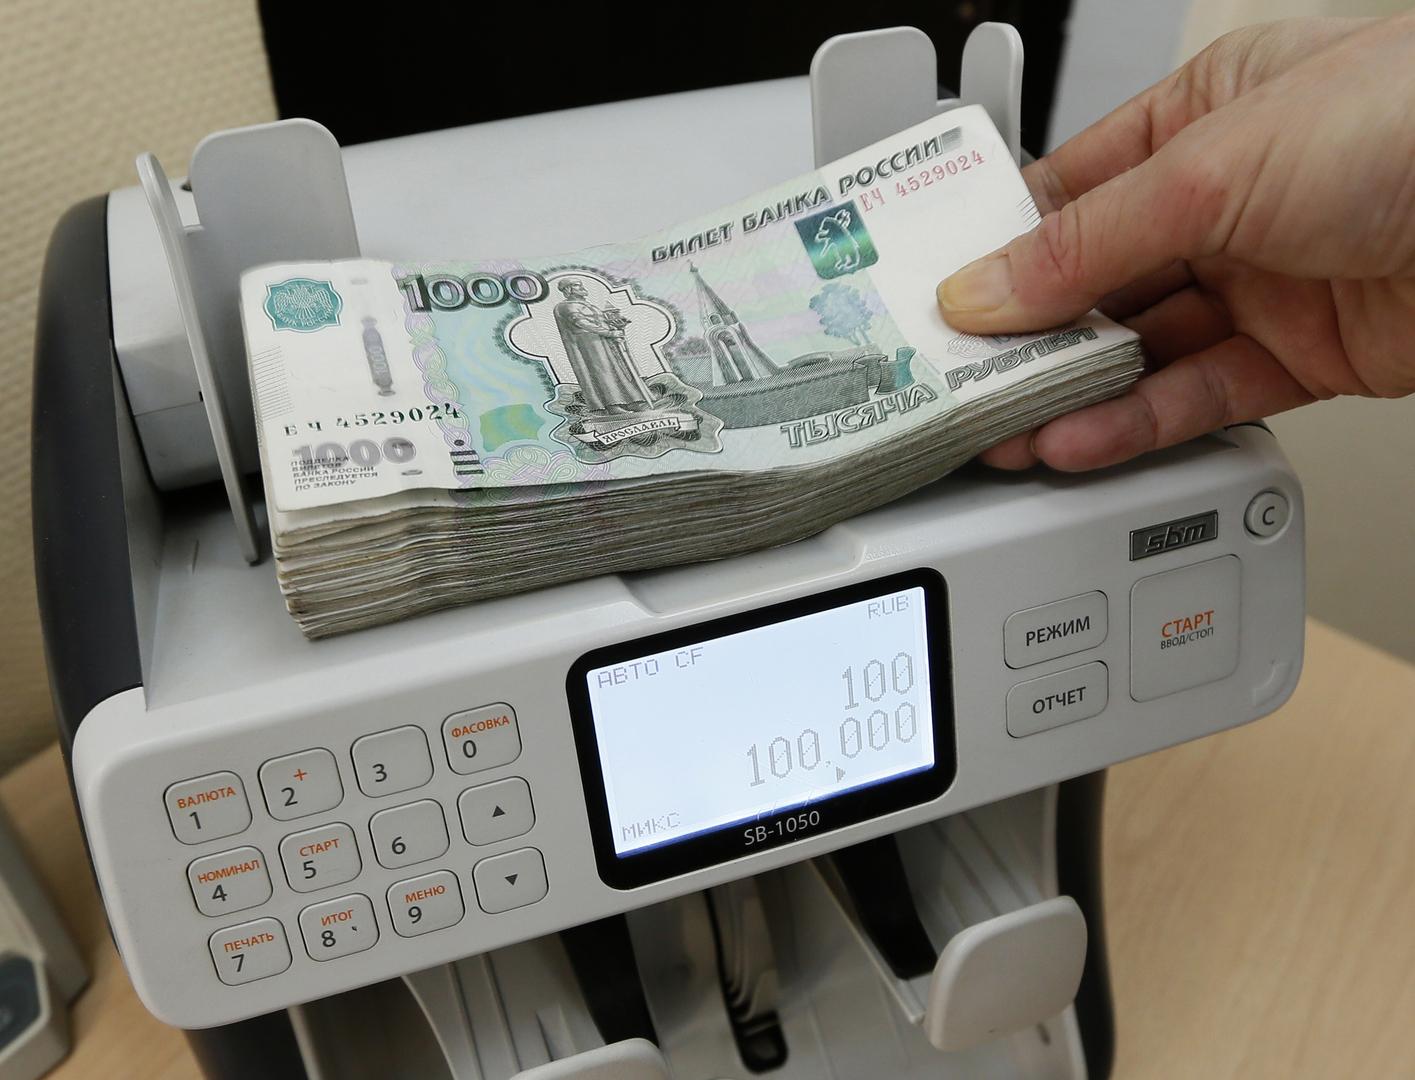 لأول مرة منذ نهاية 2018.. المركزي الروسي يرفع سعر الفائدة الرئيسي